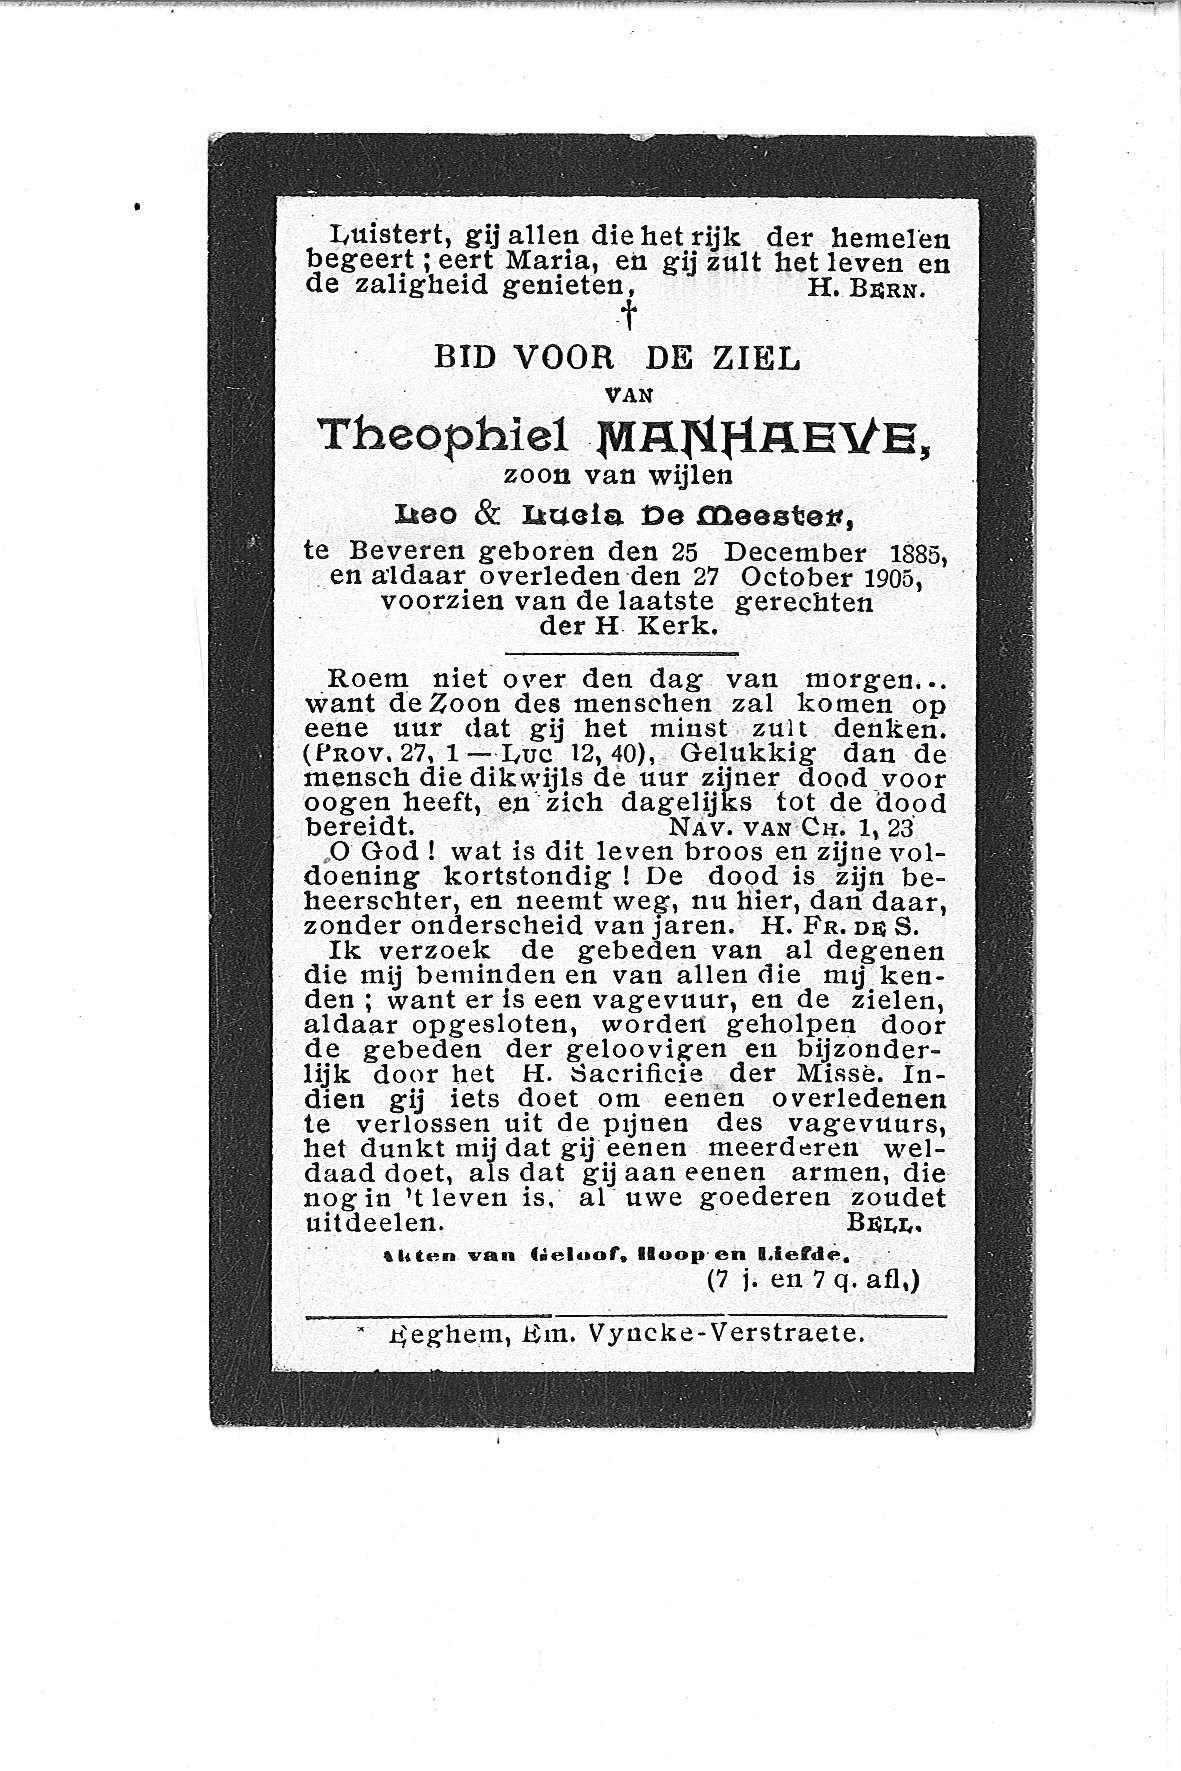 Theophiel(1905)20120405091115_00044.jpg